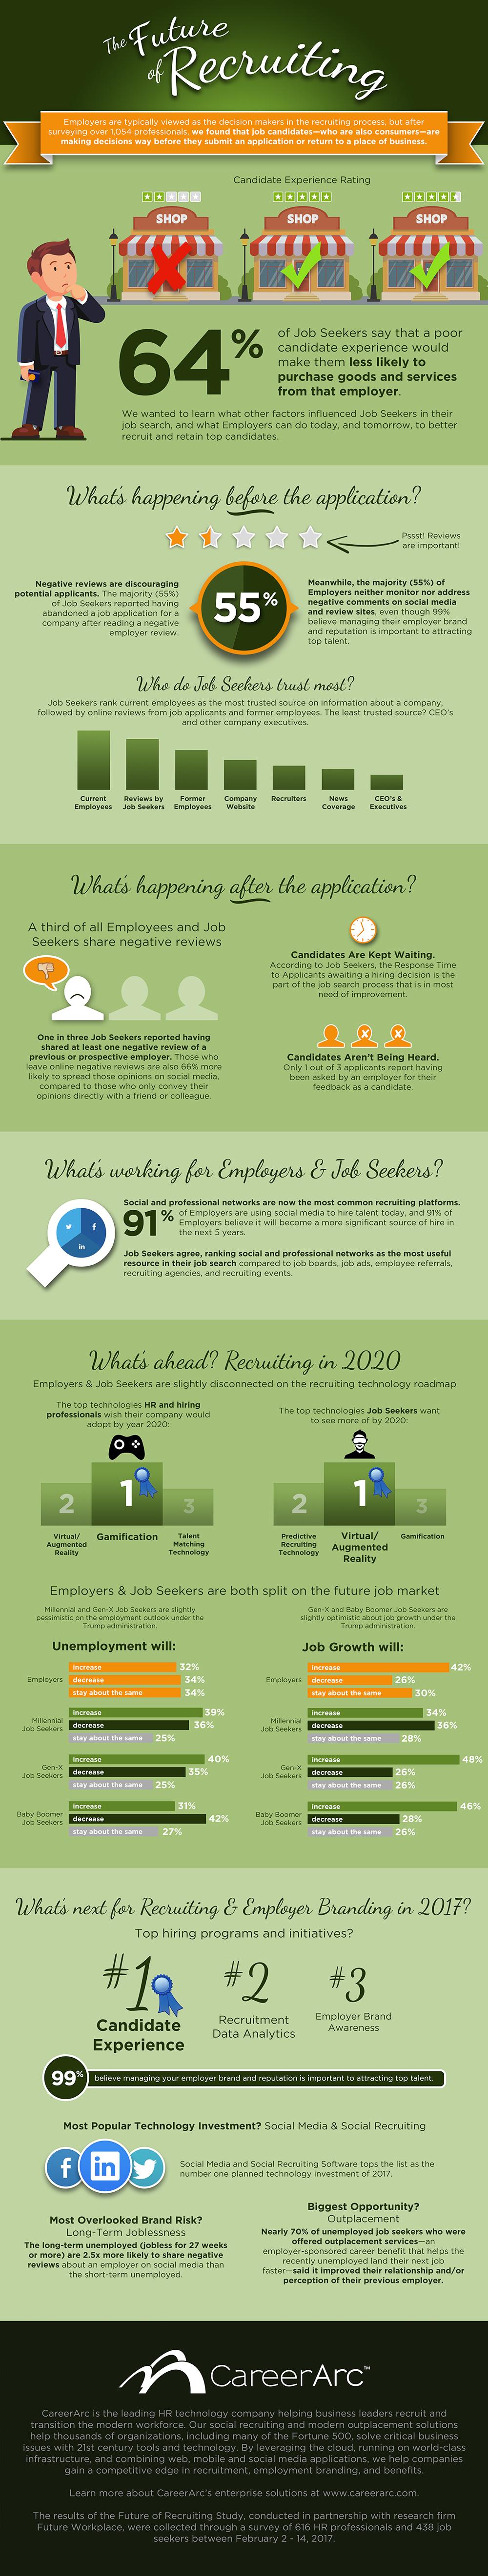 CareerArc Future of Recruiting Infographic